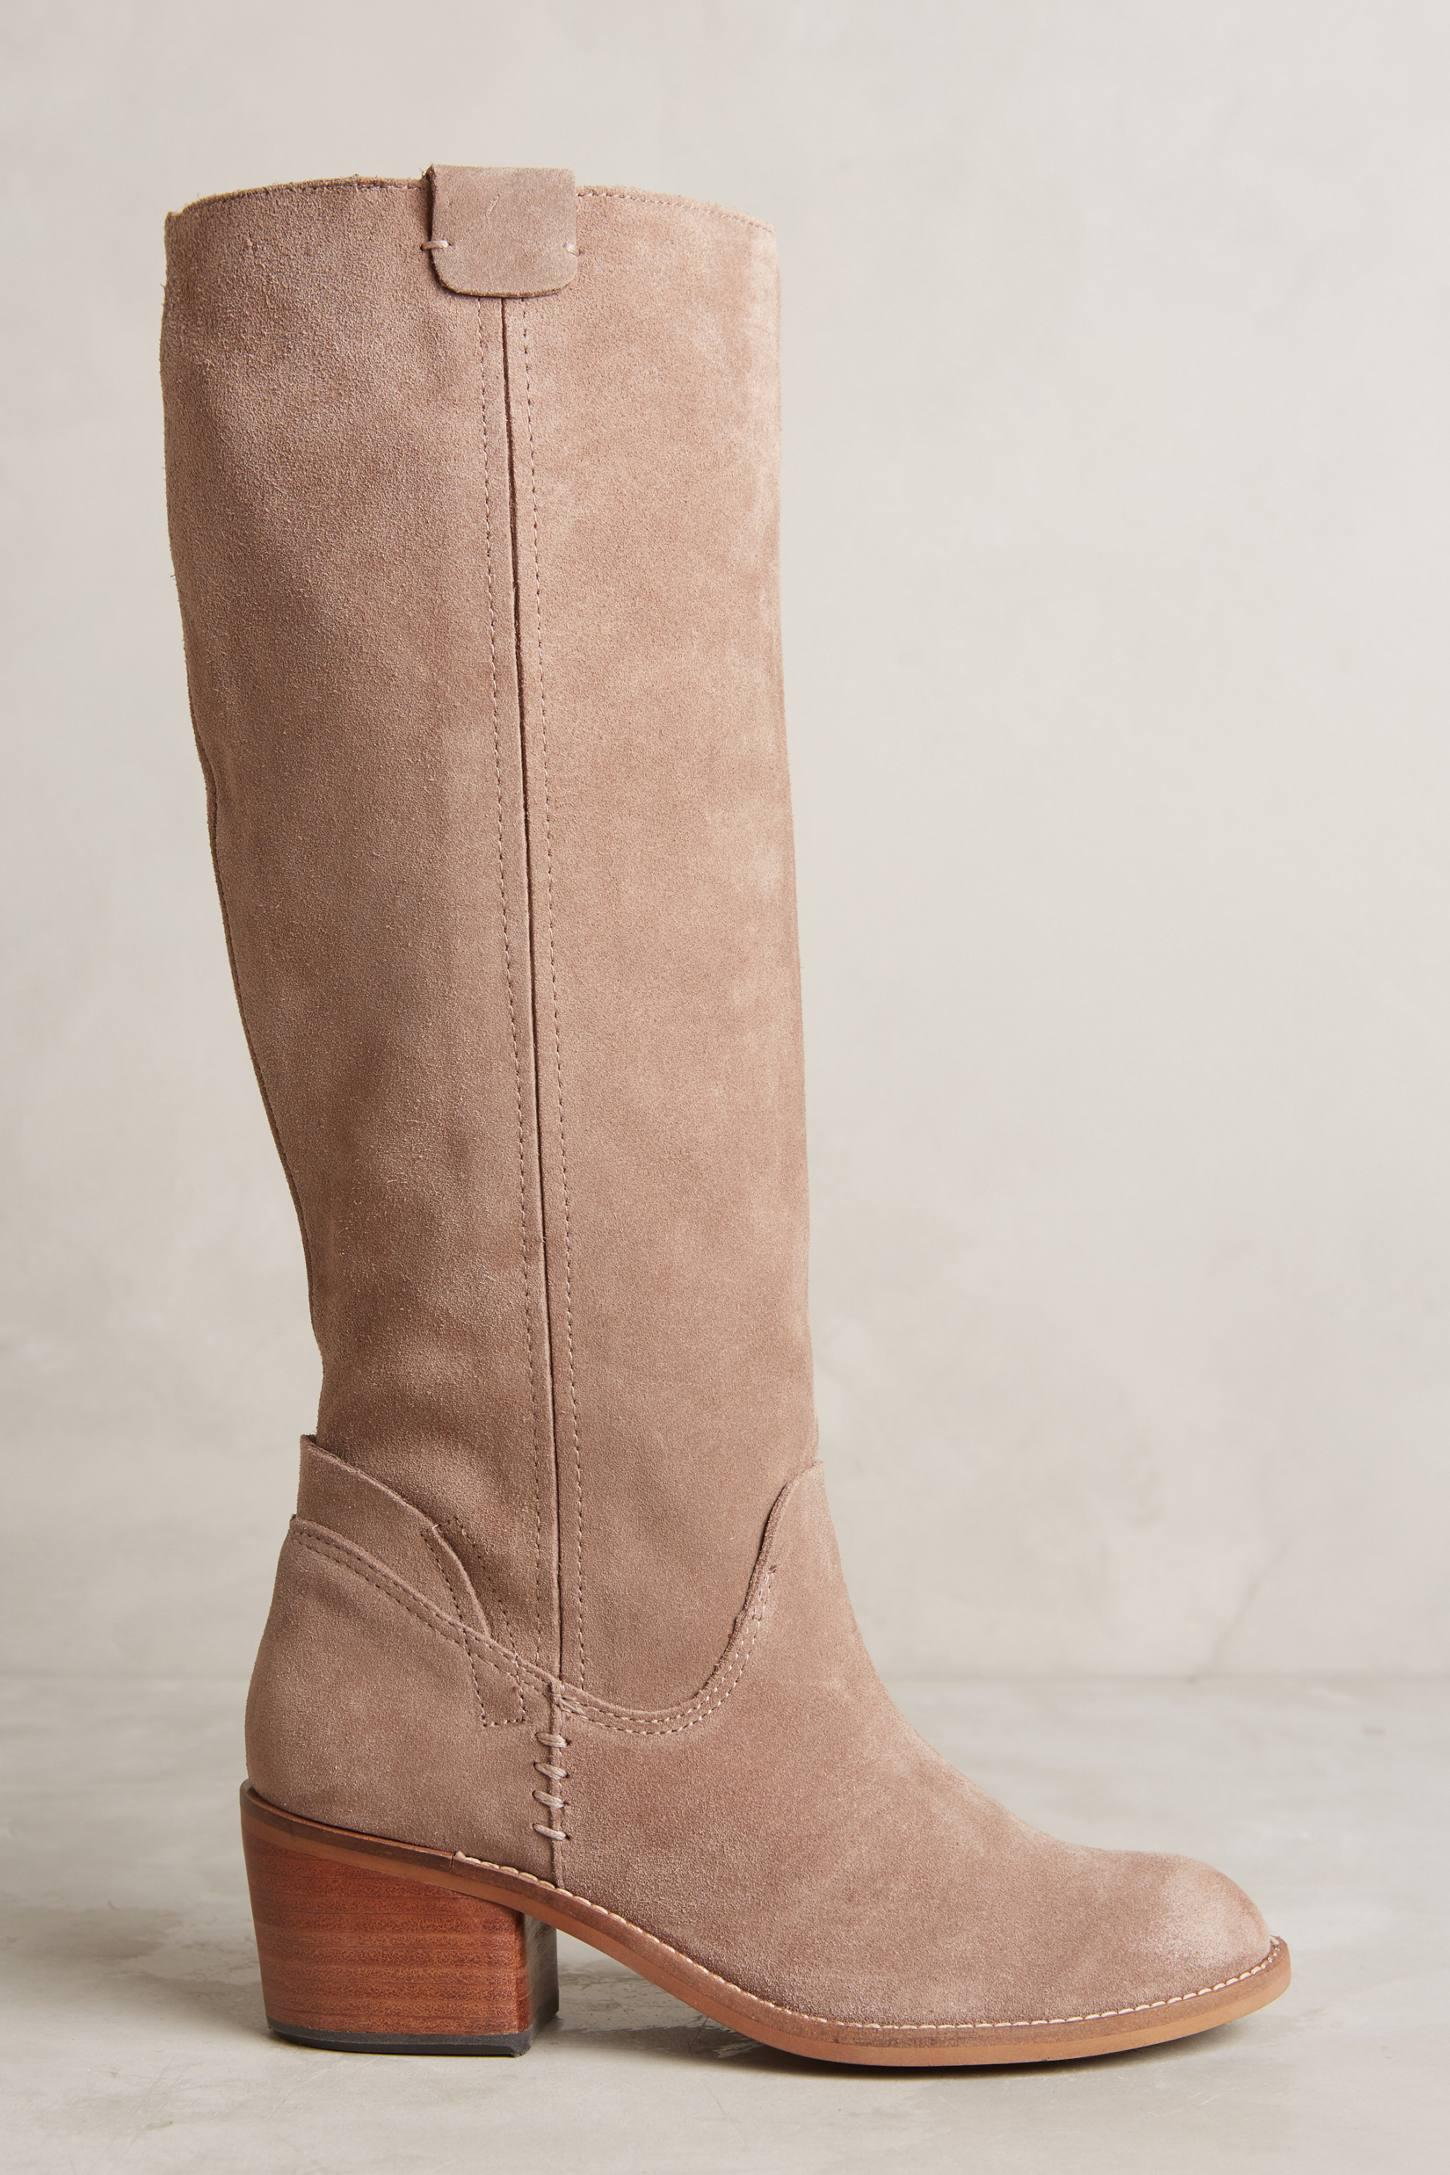 Dolce Vita Garnett Boots